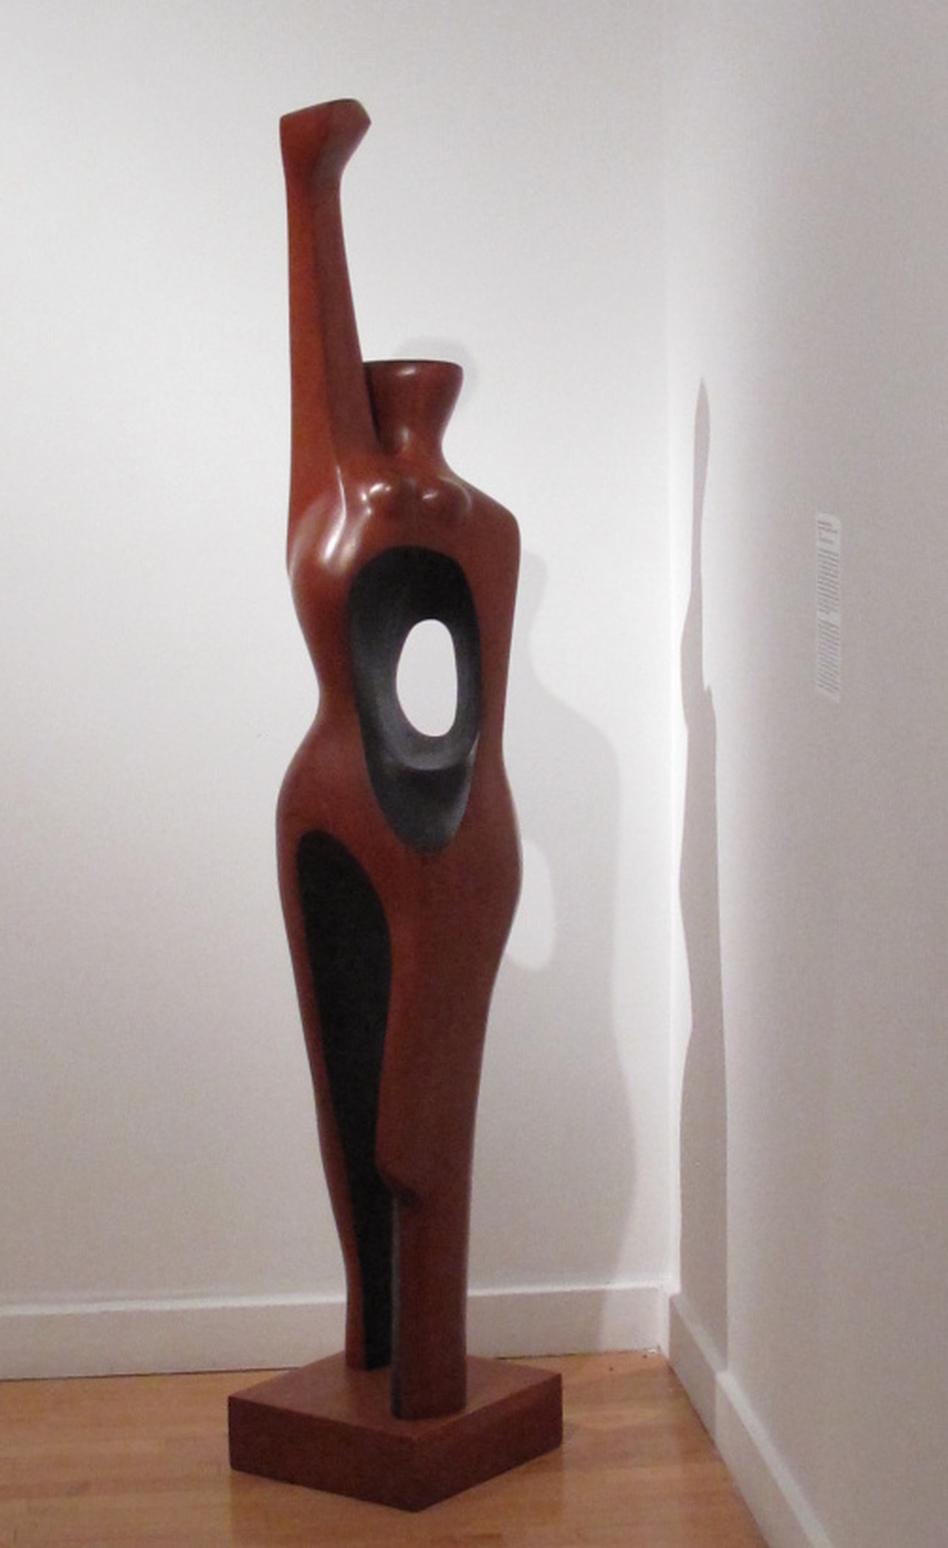 Elizabeth Catlett's 1968 sculpture <em>Homage to My Young Black Sisters</em> (Allison Keyes/NPR)